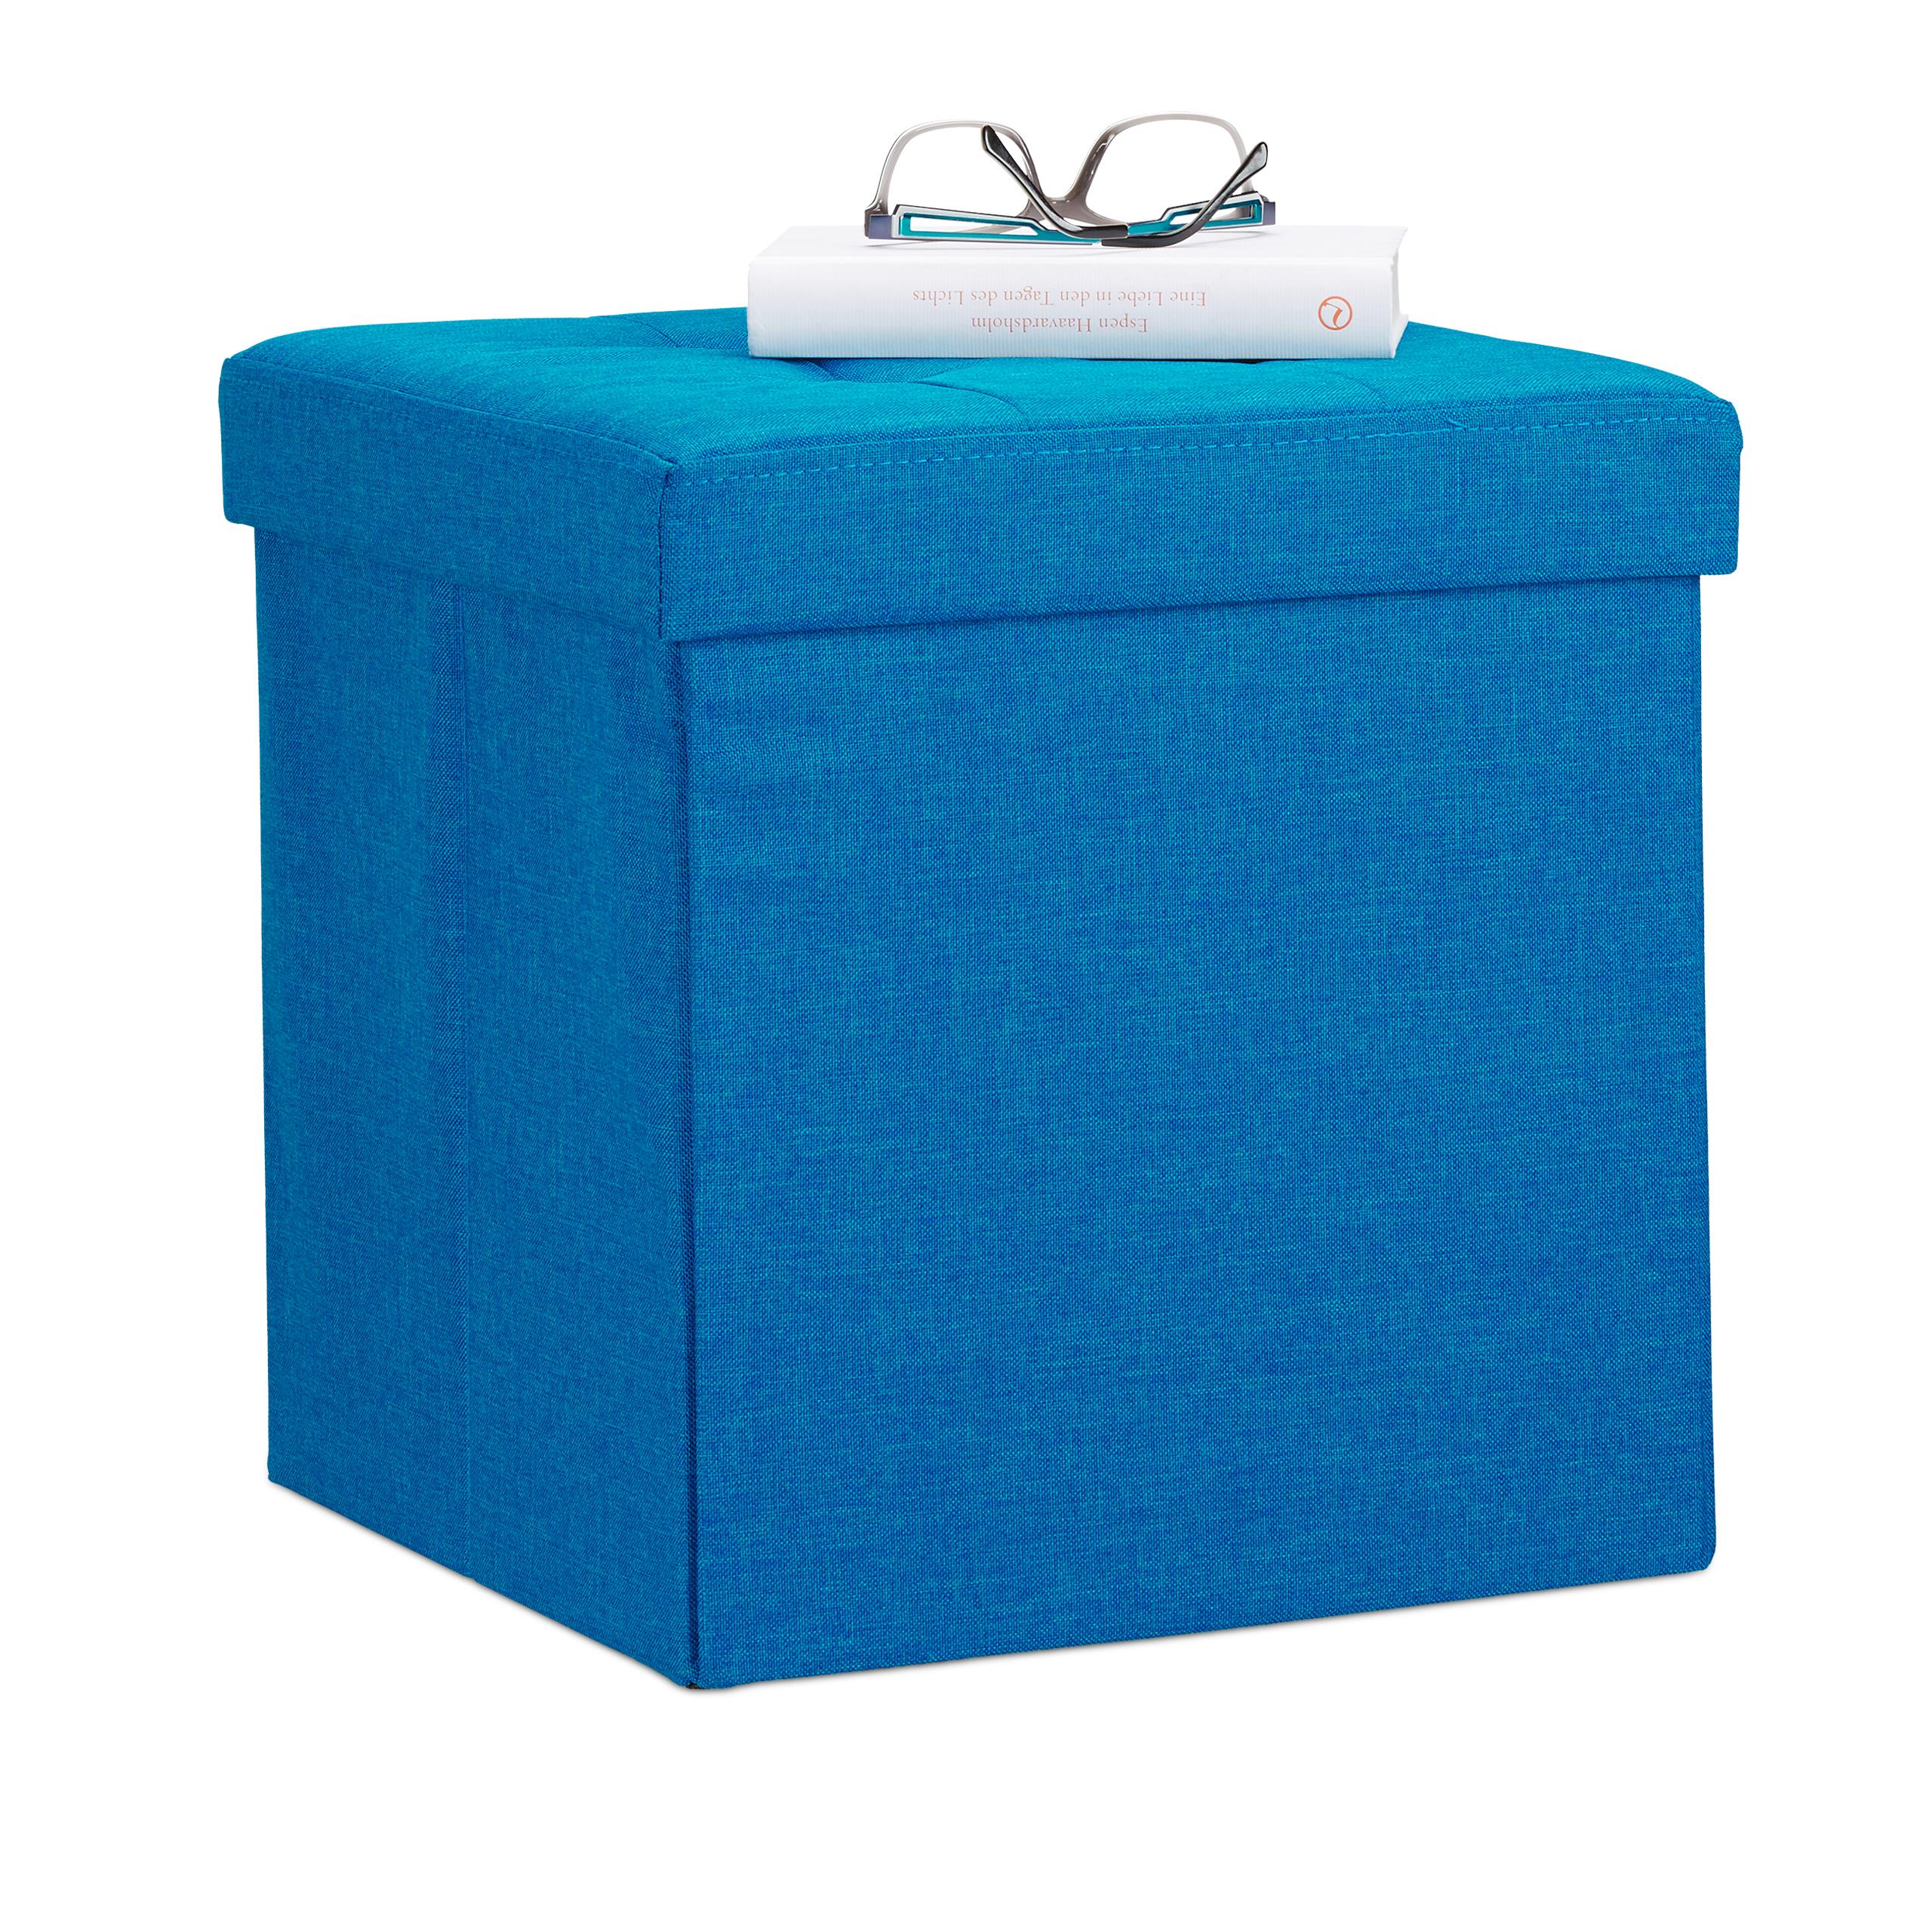 Banco-baul-con-espacio-almacenamiento-plegable-asiento-lino-hogar-asiento-hogar